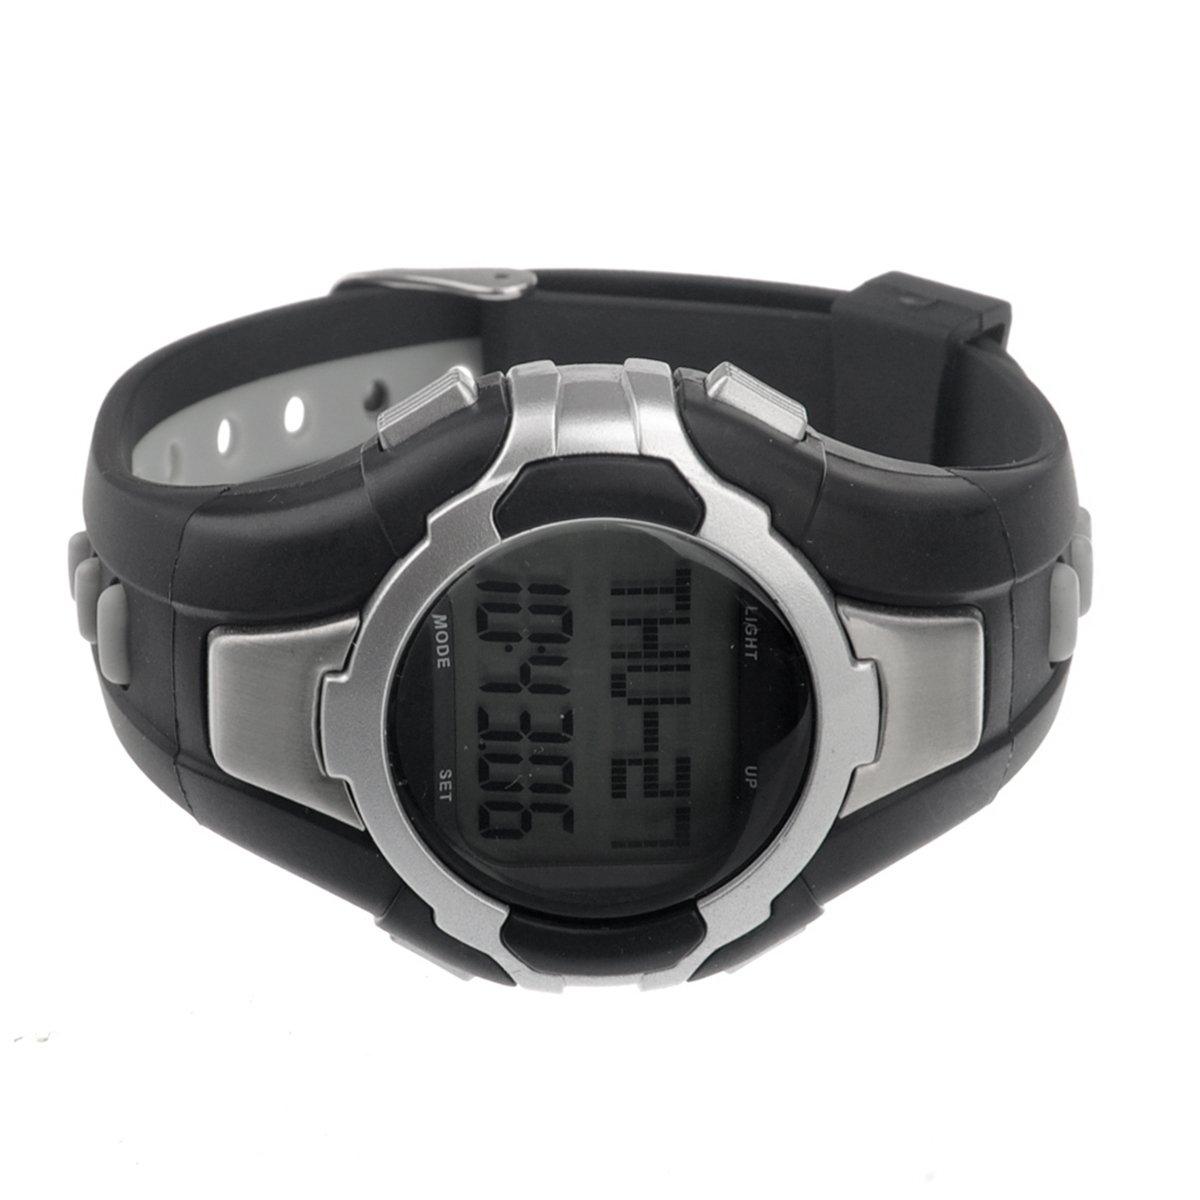 PIXNOR 1005 All-in-one impermeable sin tirantes Monitor calorías contador Digital reloj pulsómetro con podómetro /Stopwatch (plata)